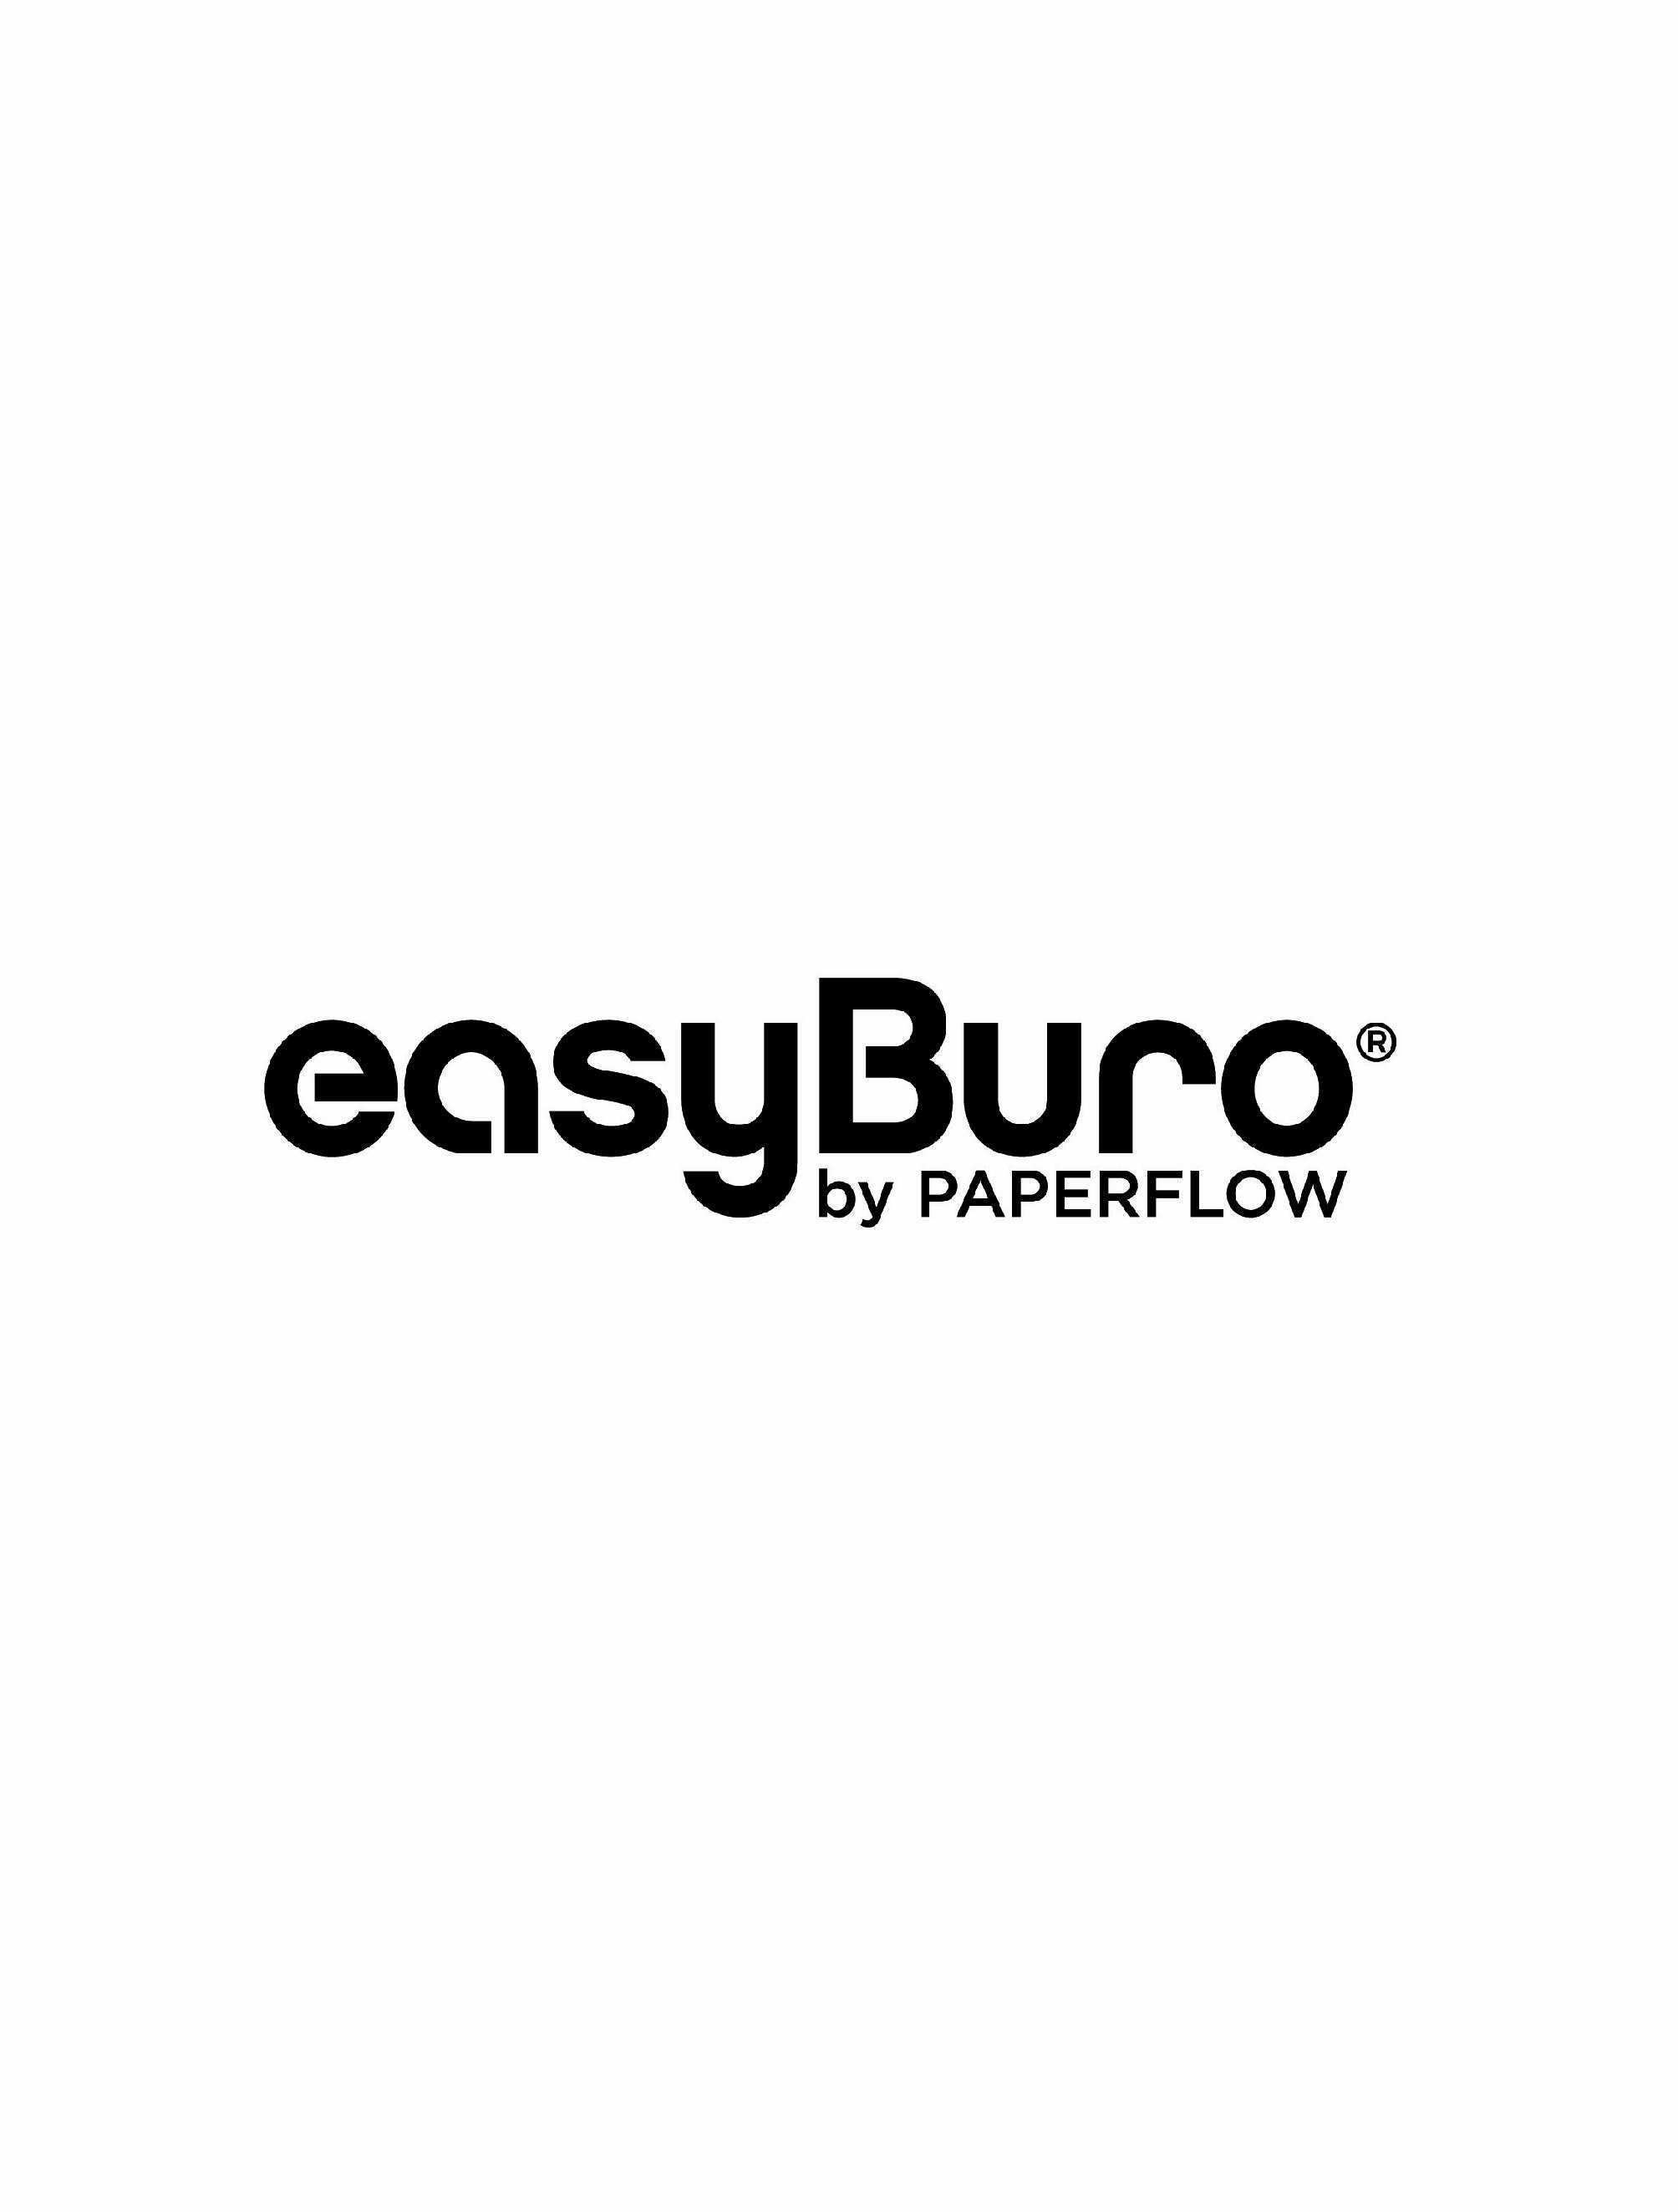 easyBuro by PAPERFLOW